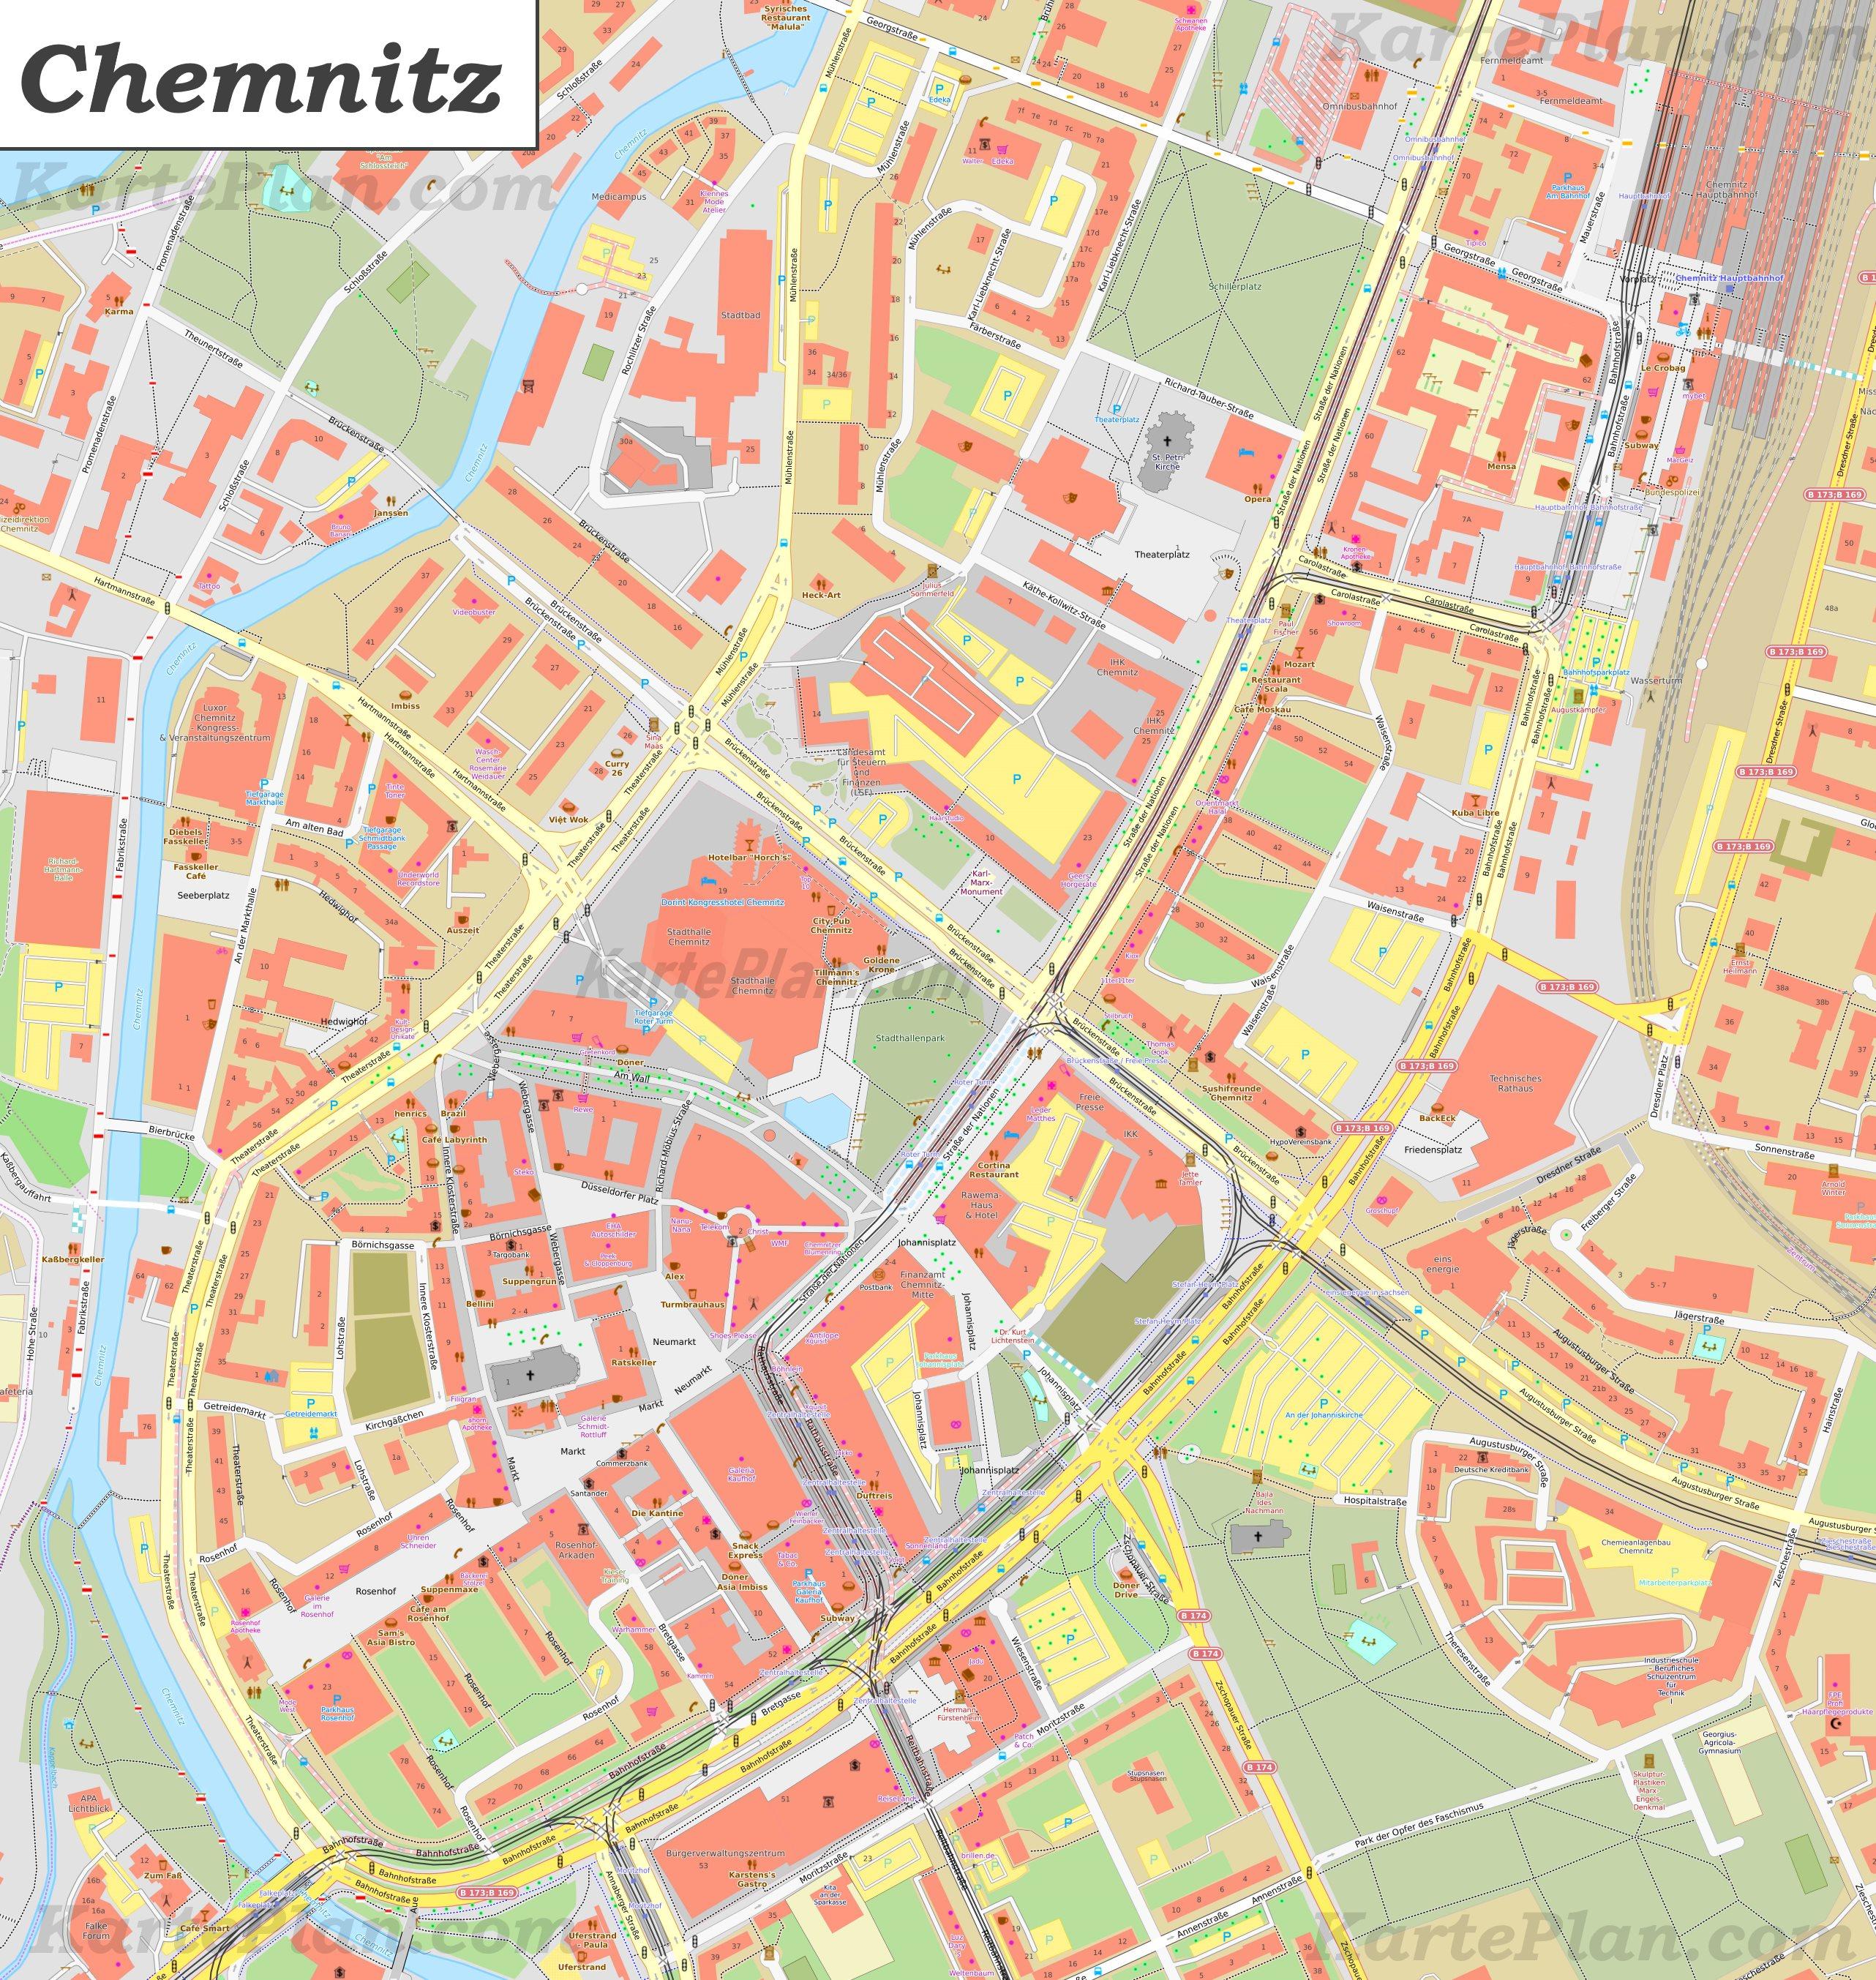 Karte Chemnitz.Karte Von Chemnitz Zentrum